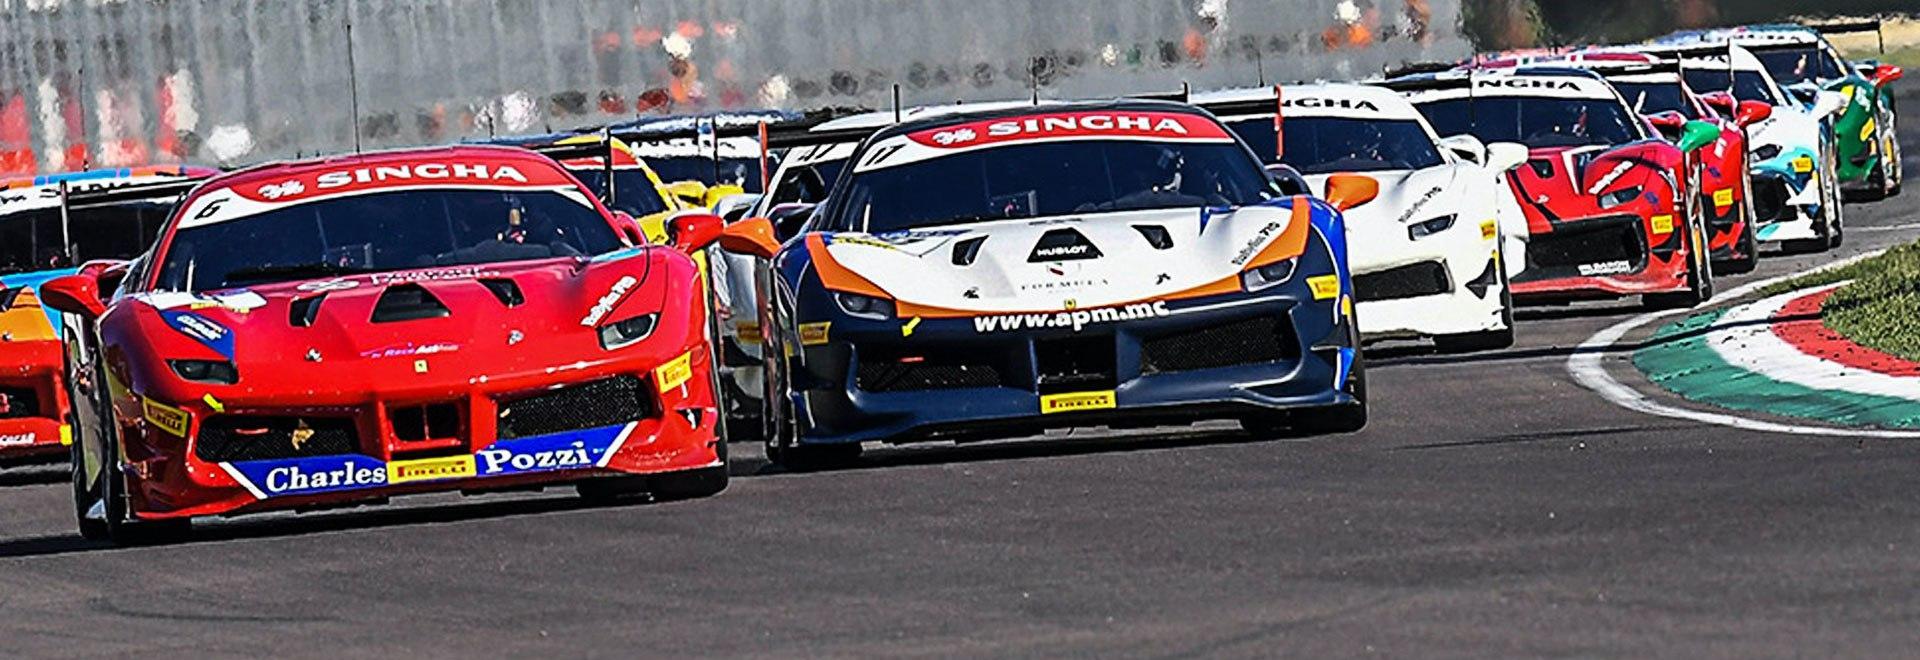 Trofeo Pirelli Spa-Francorchamps. Gara 2